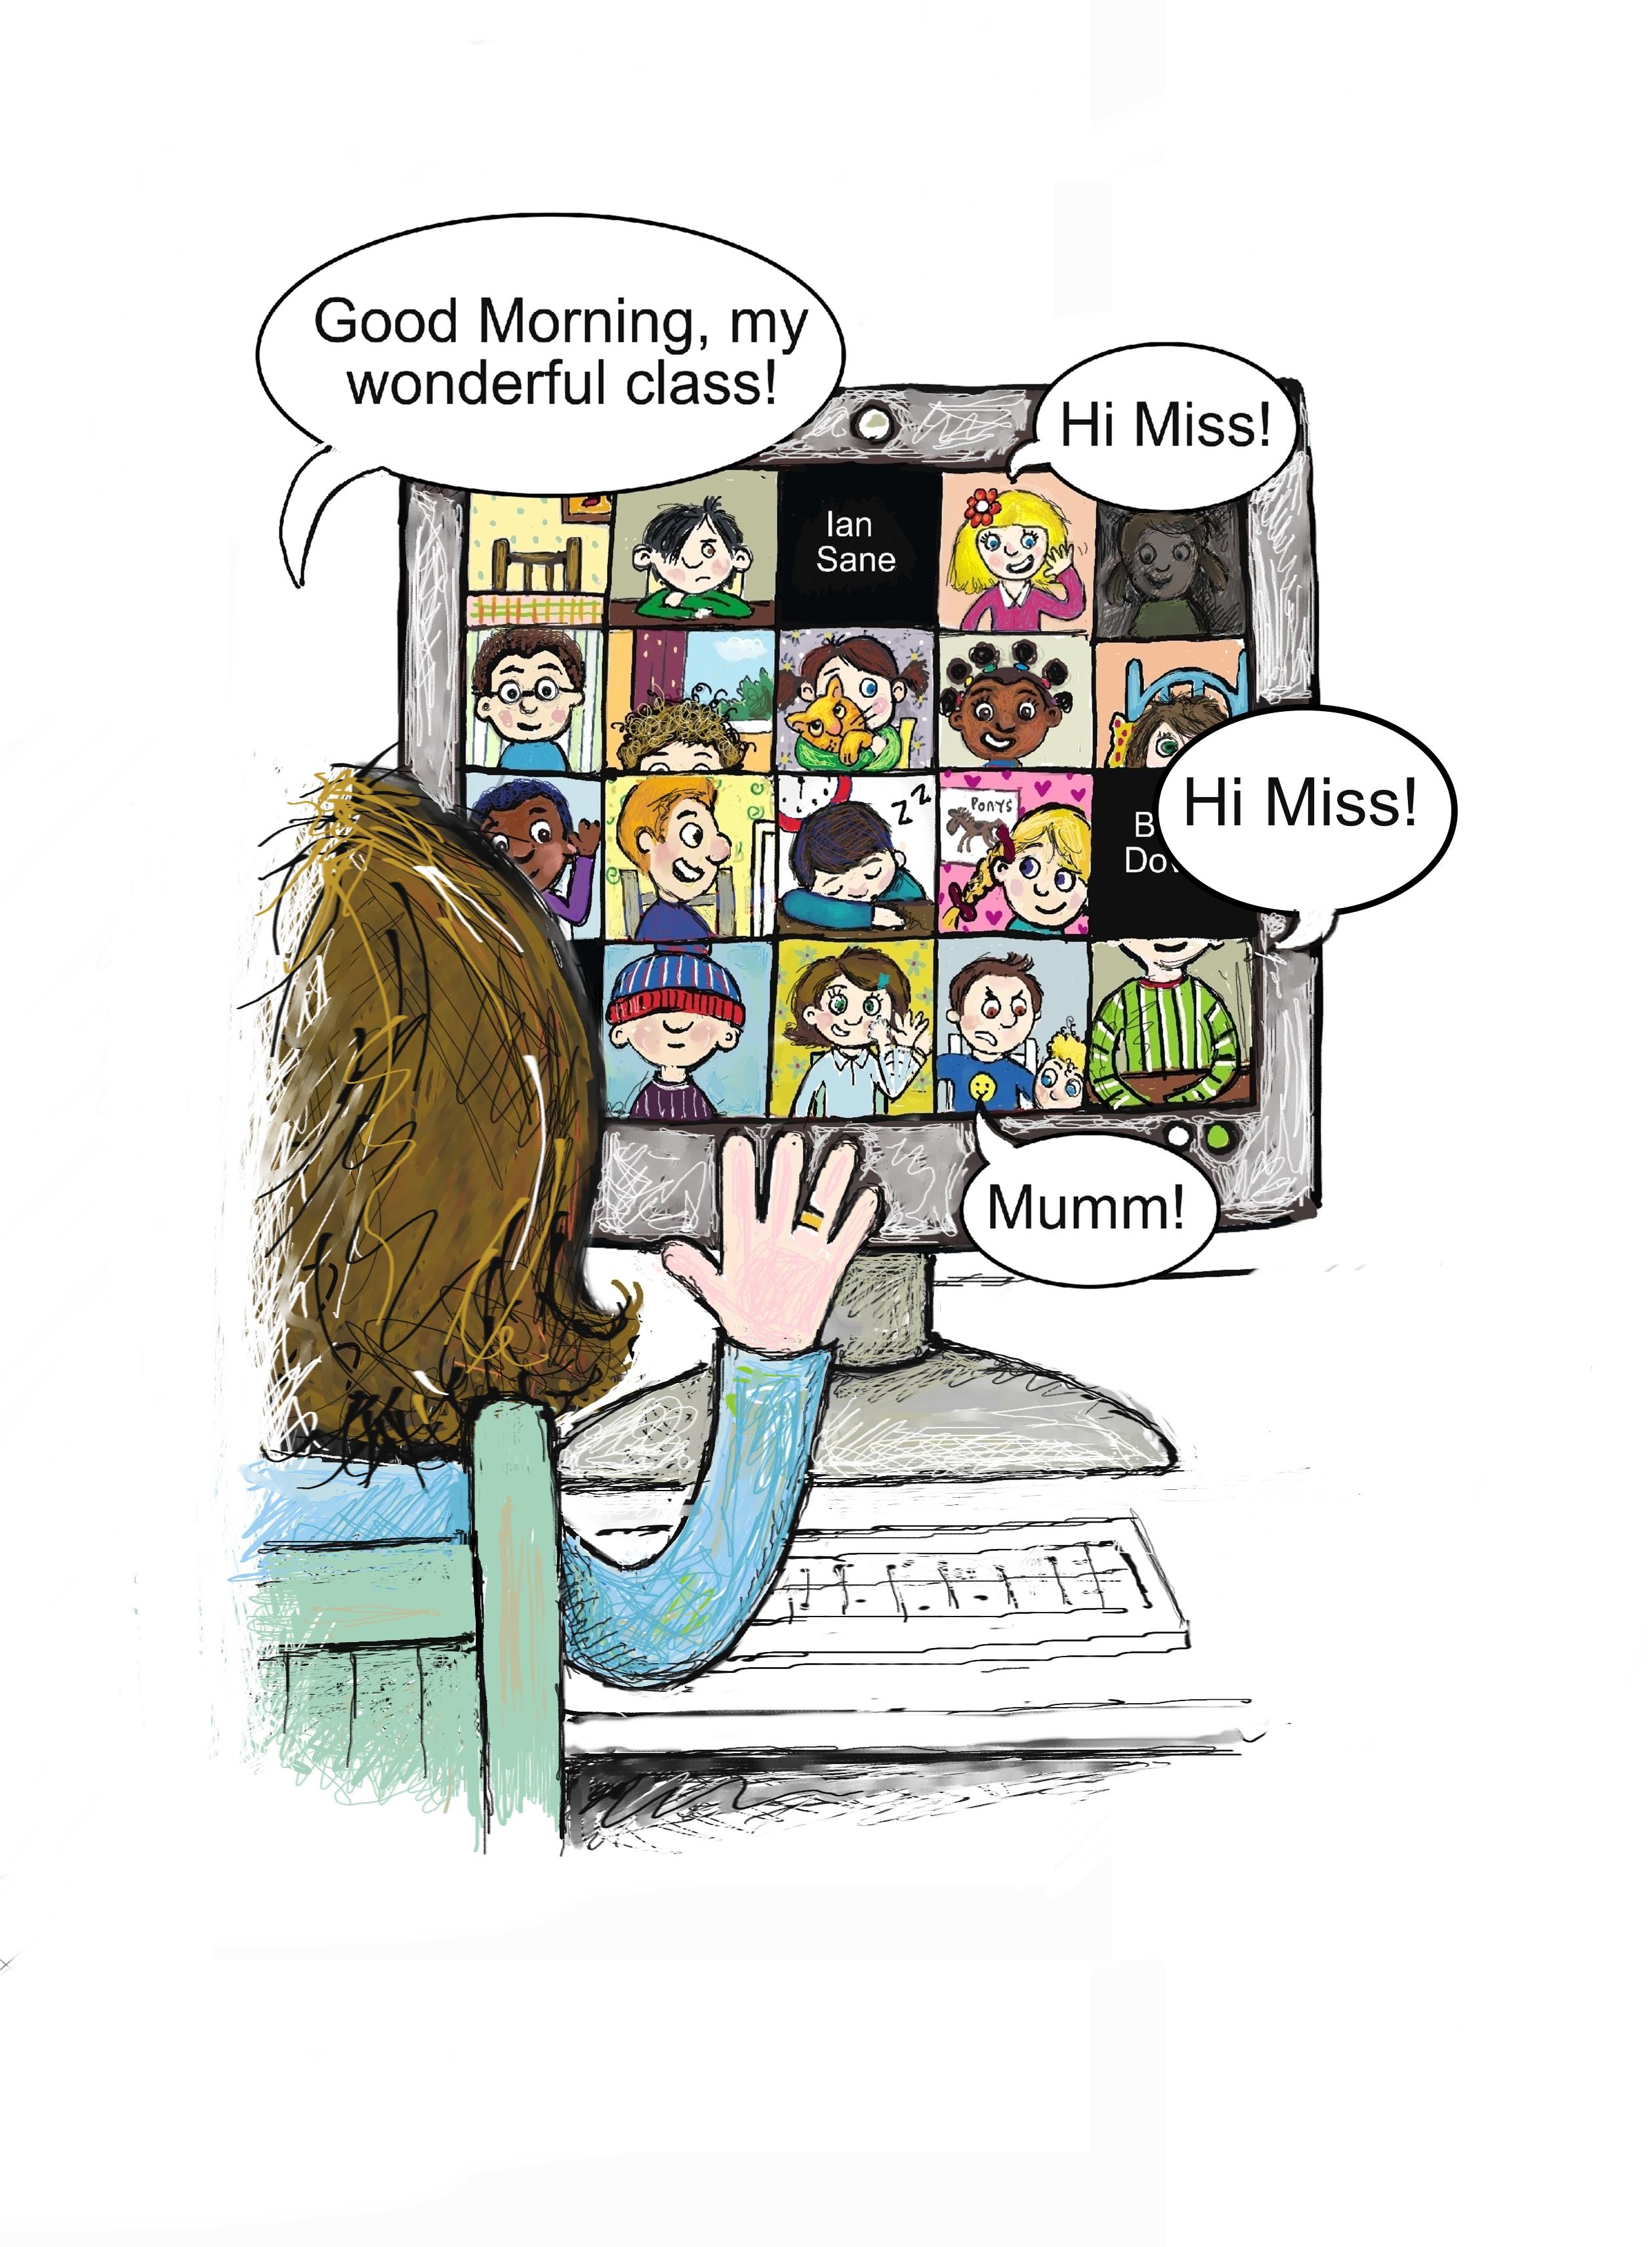 A teacher views a class of pupils meeting together in an online class